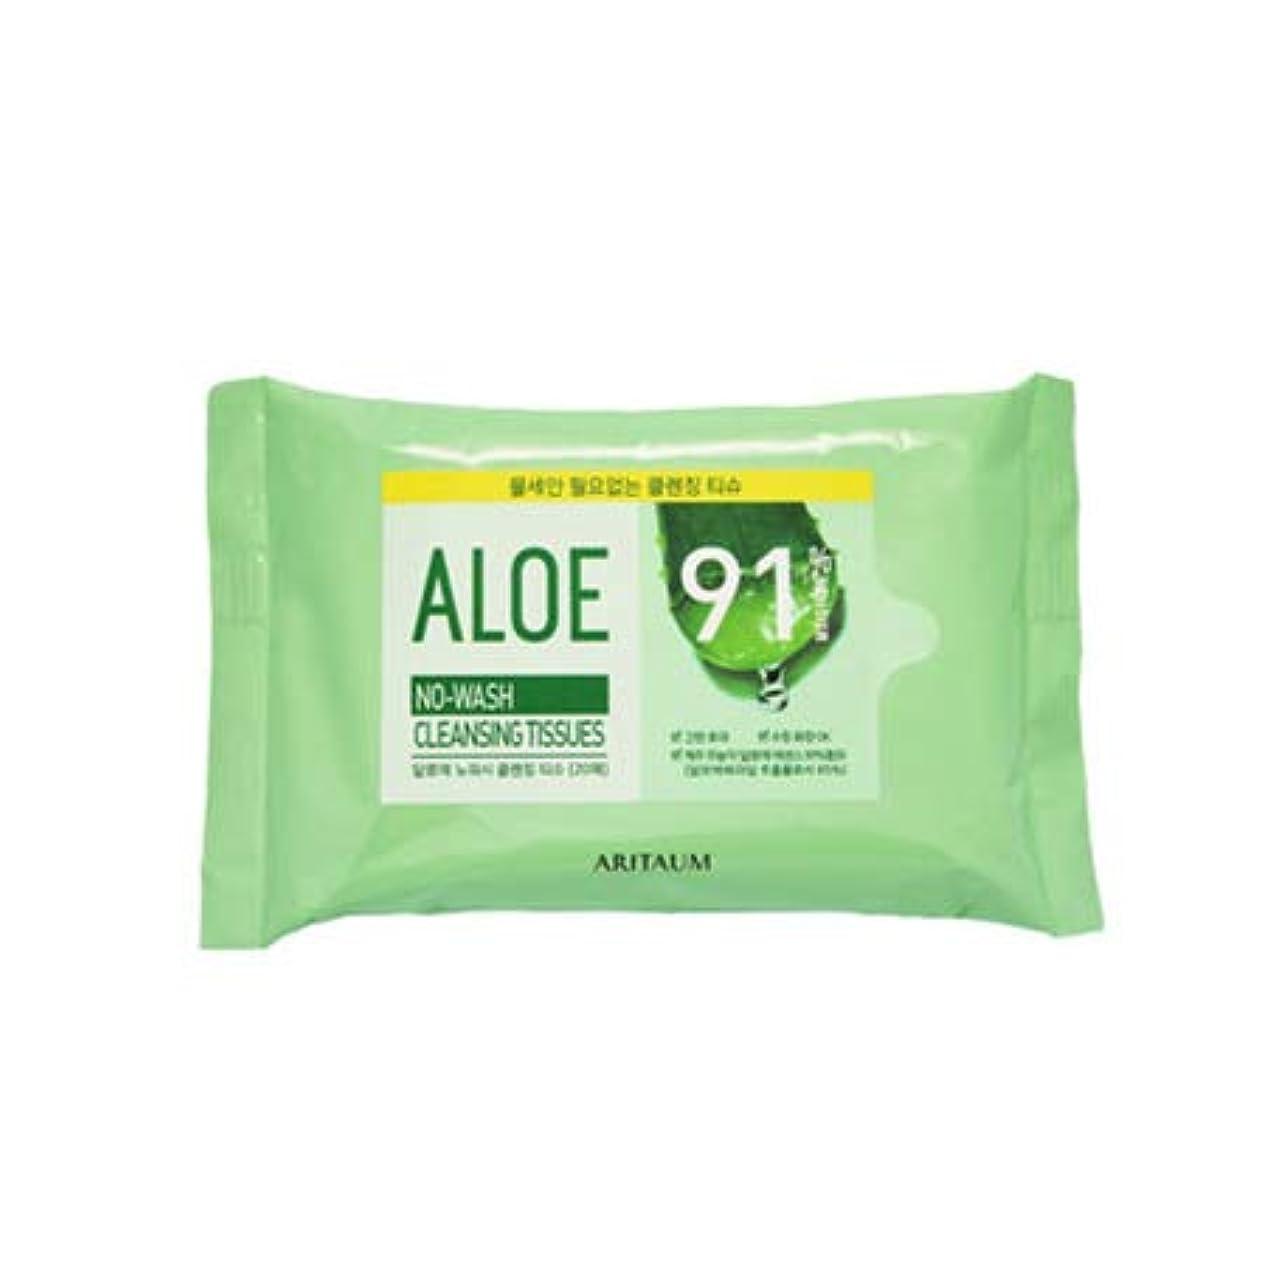 つなぐ汚すビット【アリタウム.aritaum]アロエノーウォッシュクレンジングティッシュ20枚(2019.07 new)×2ea/ aloe no wash clwansing tissue(20sheet×2ea) (20 sheet)